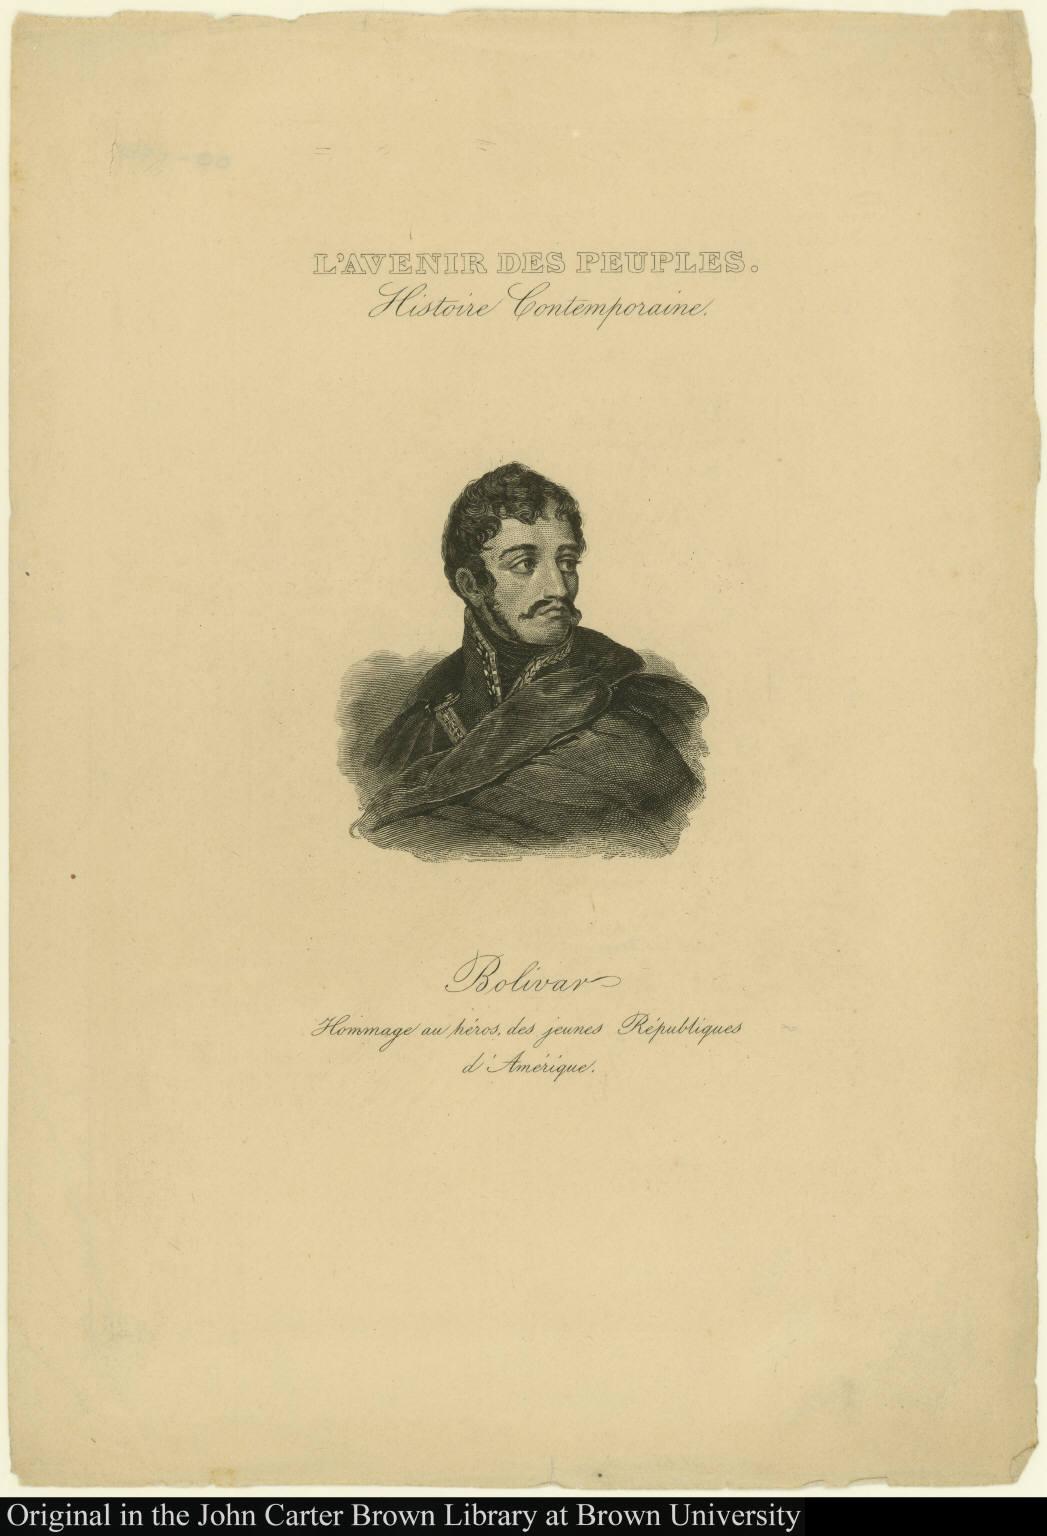 Bolivar Hommage au héros, des jeunes Républiques d'Amérique.